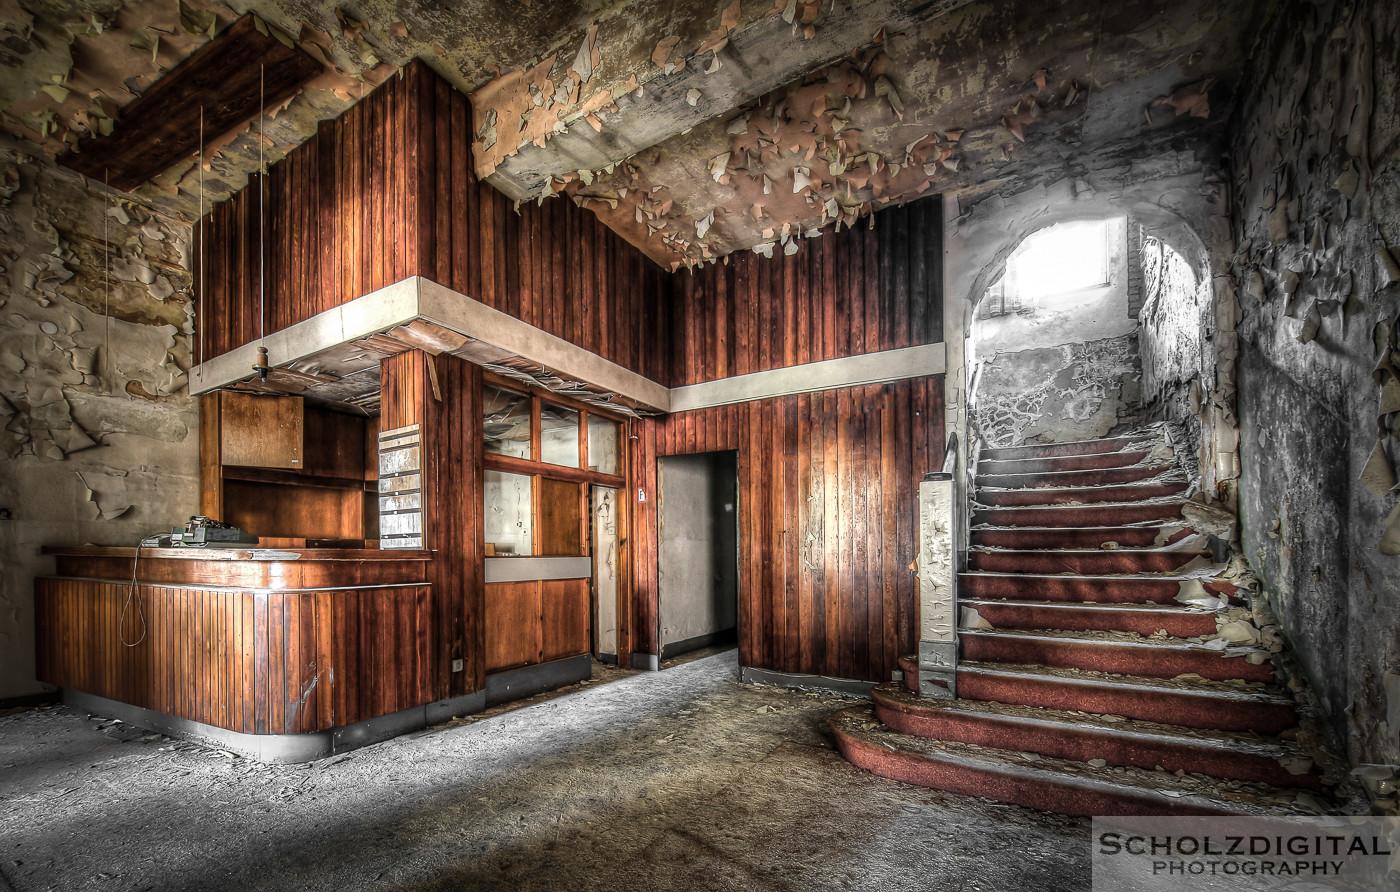 Abandoned, beelden, Decay, Erzgebirge, forgotten, Hotel Atlantis, Lost Place, Ost, Osten, Sachsen, Schimmelbude, Schimmelhotel, Urban exploration, Urbex, urbexlocatie, verlassen, Verlassene Orte